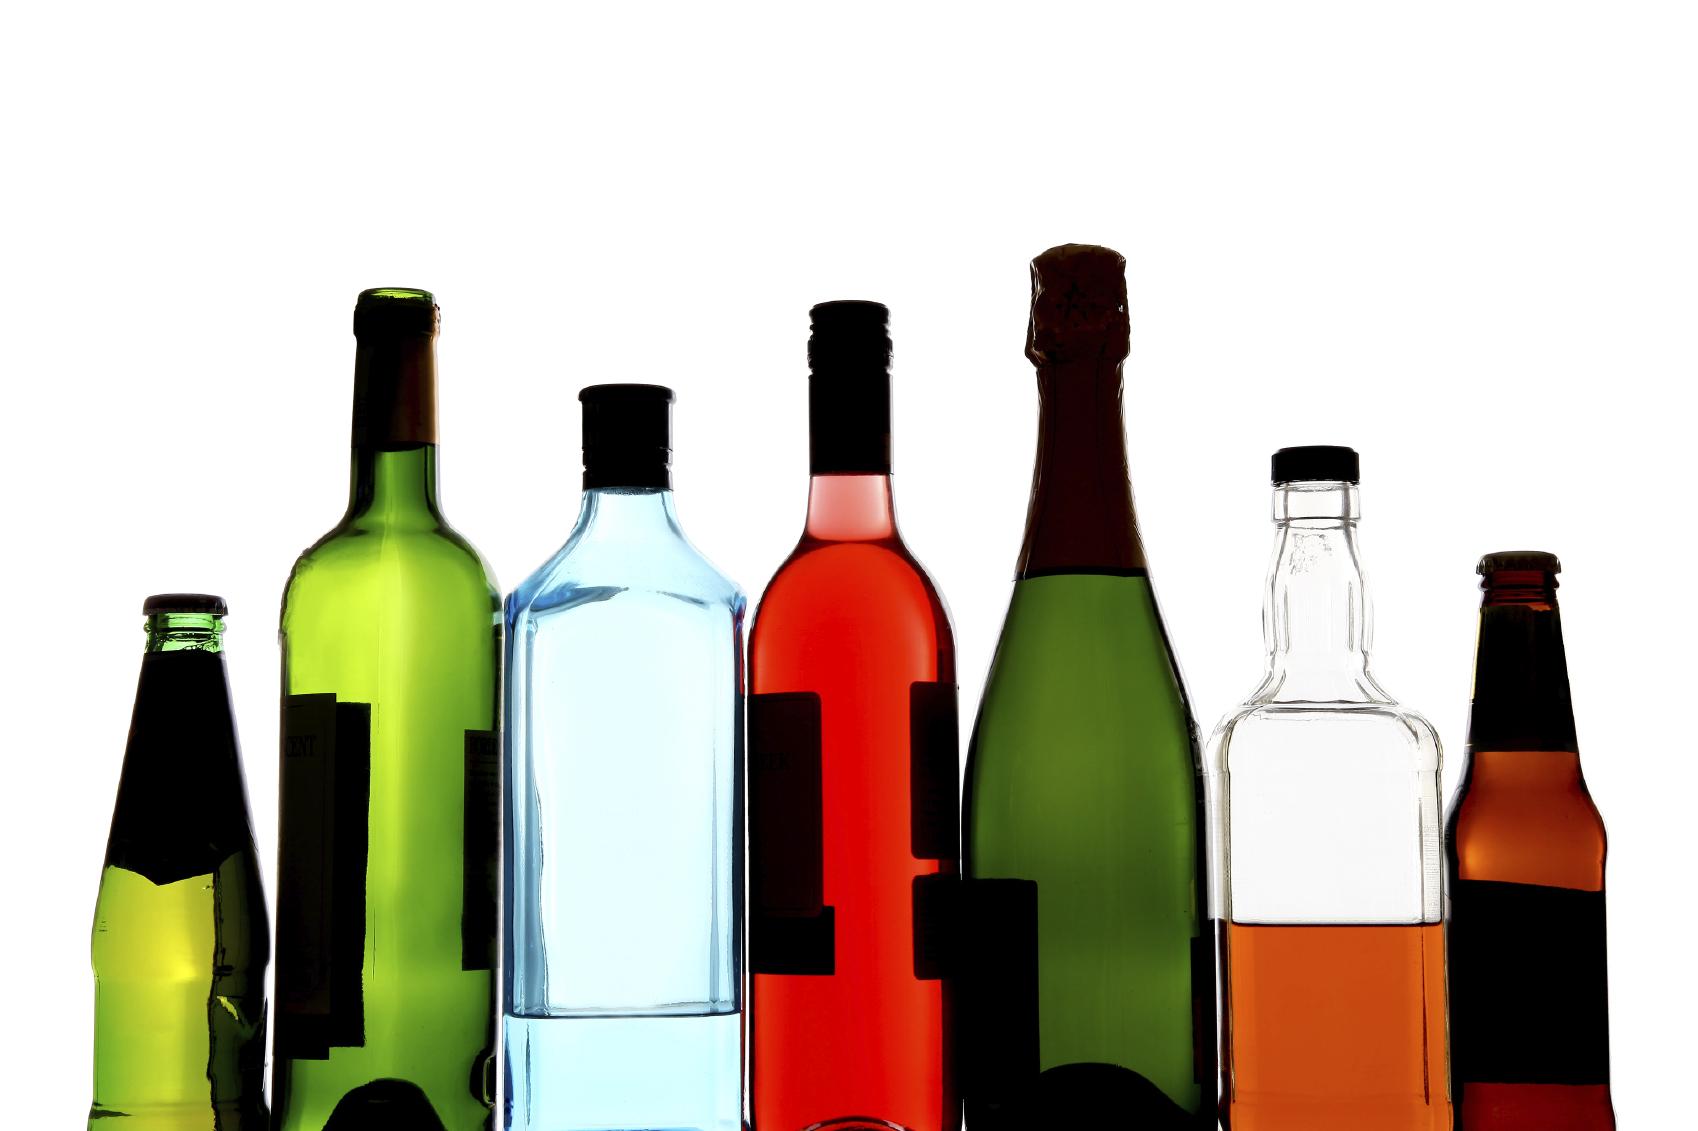 Минздрав подготовил законопроект о повышении возраста продажи алкоголя в России